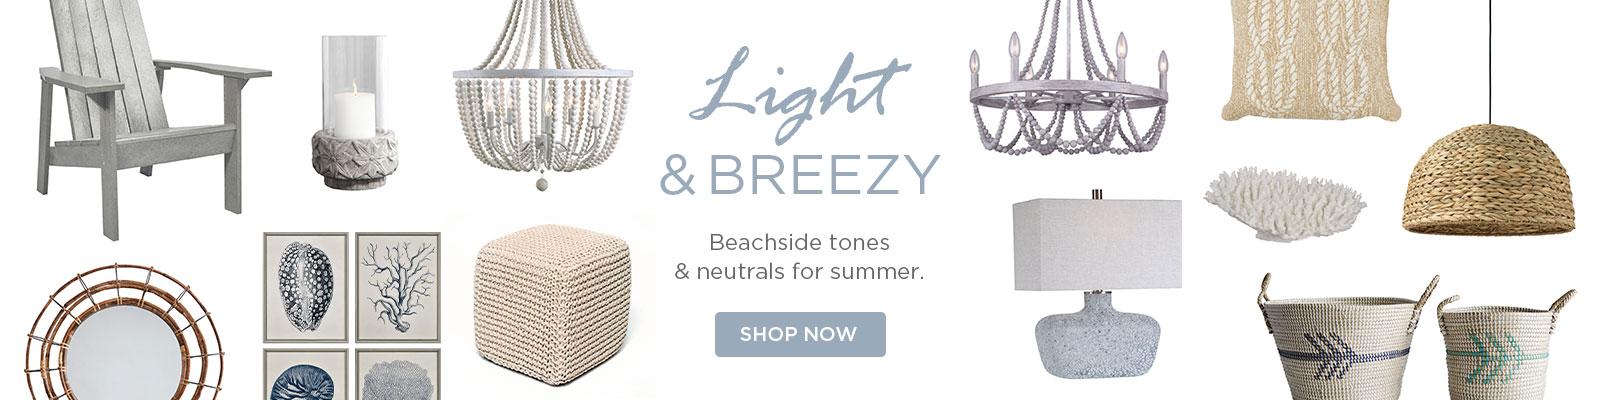 Light & Breezy: Beachside Tones & Neutrals For Summer